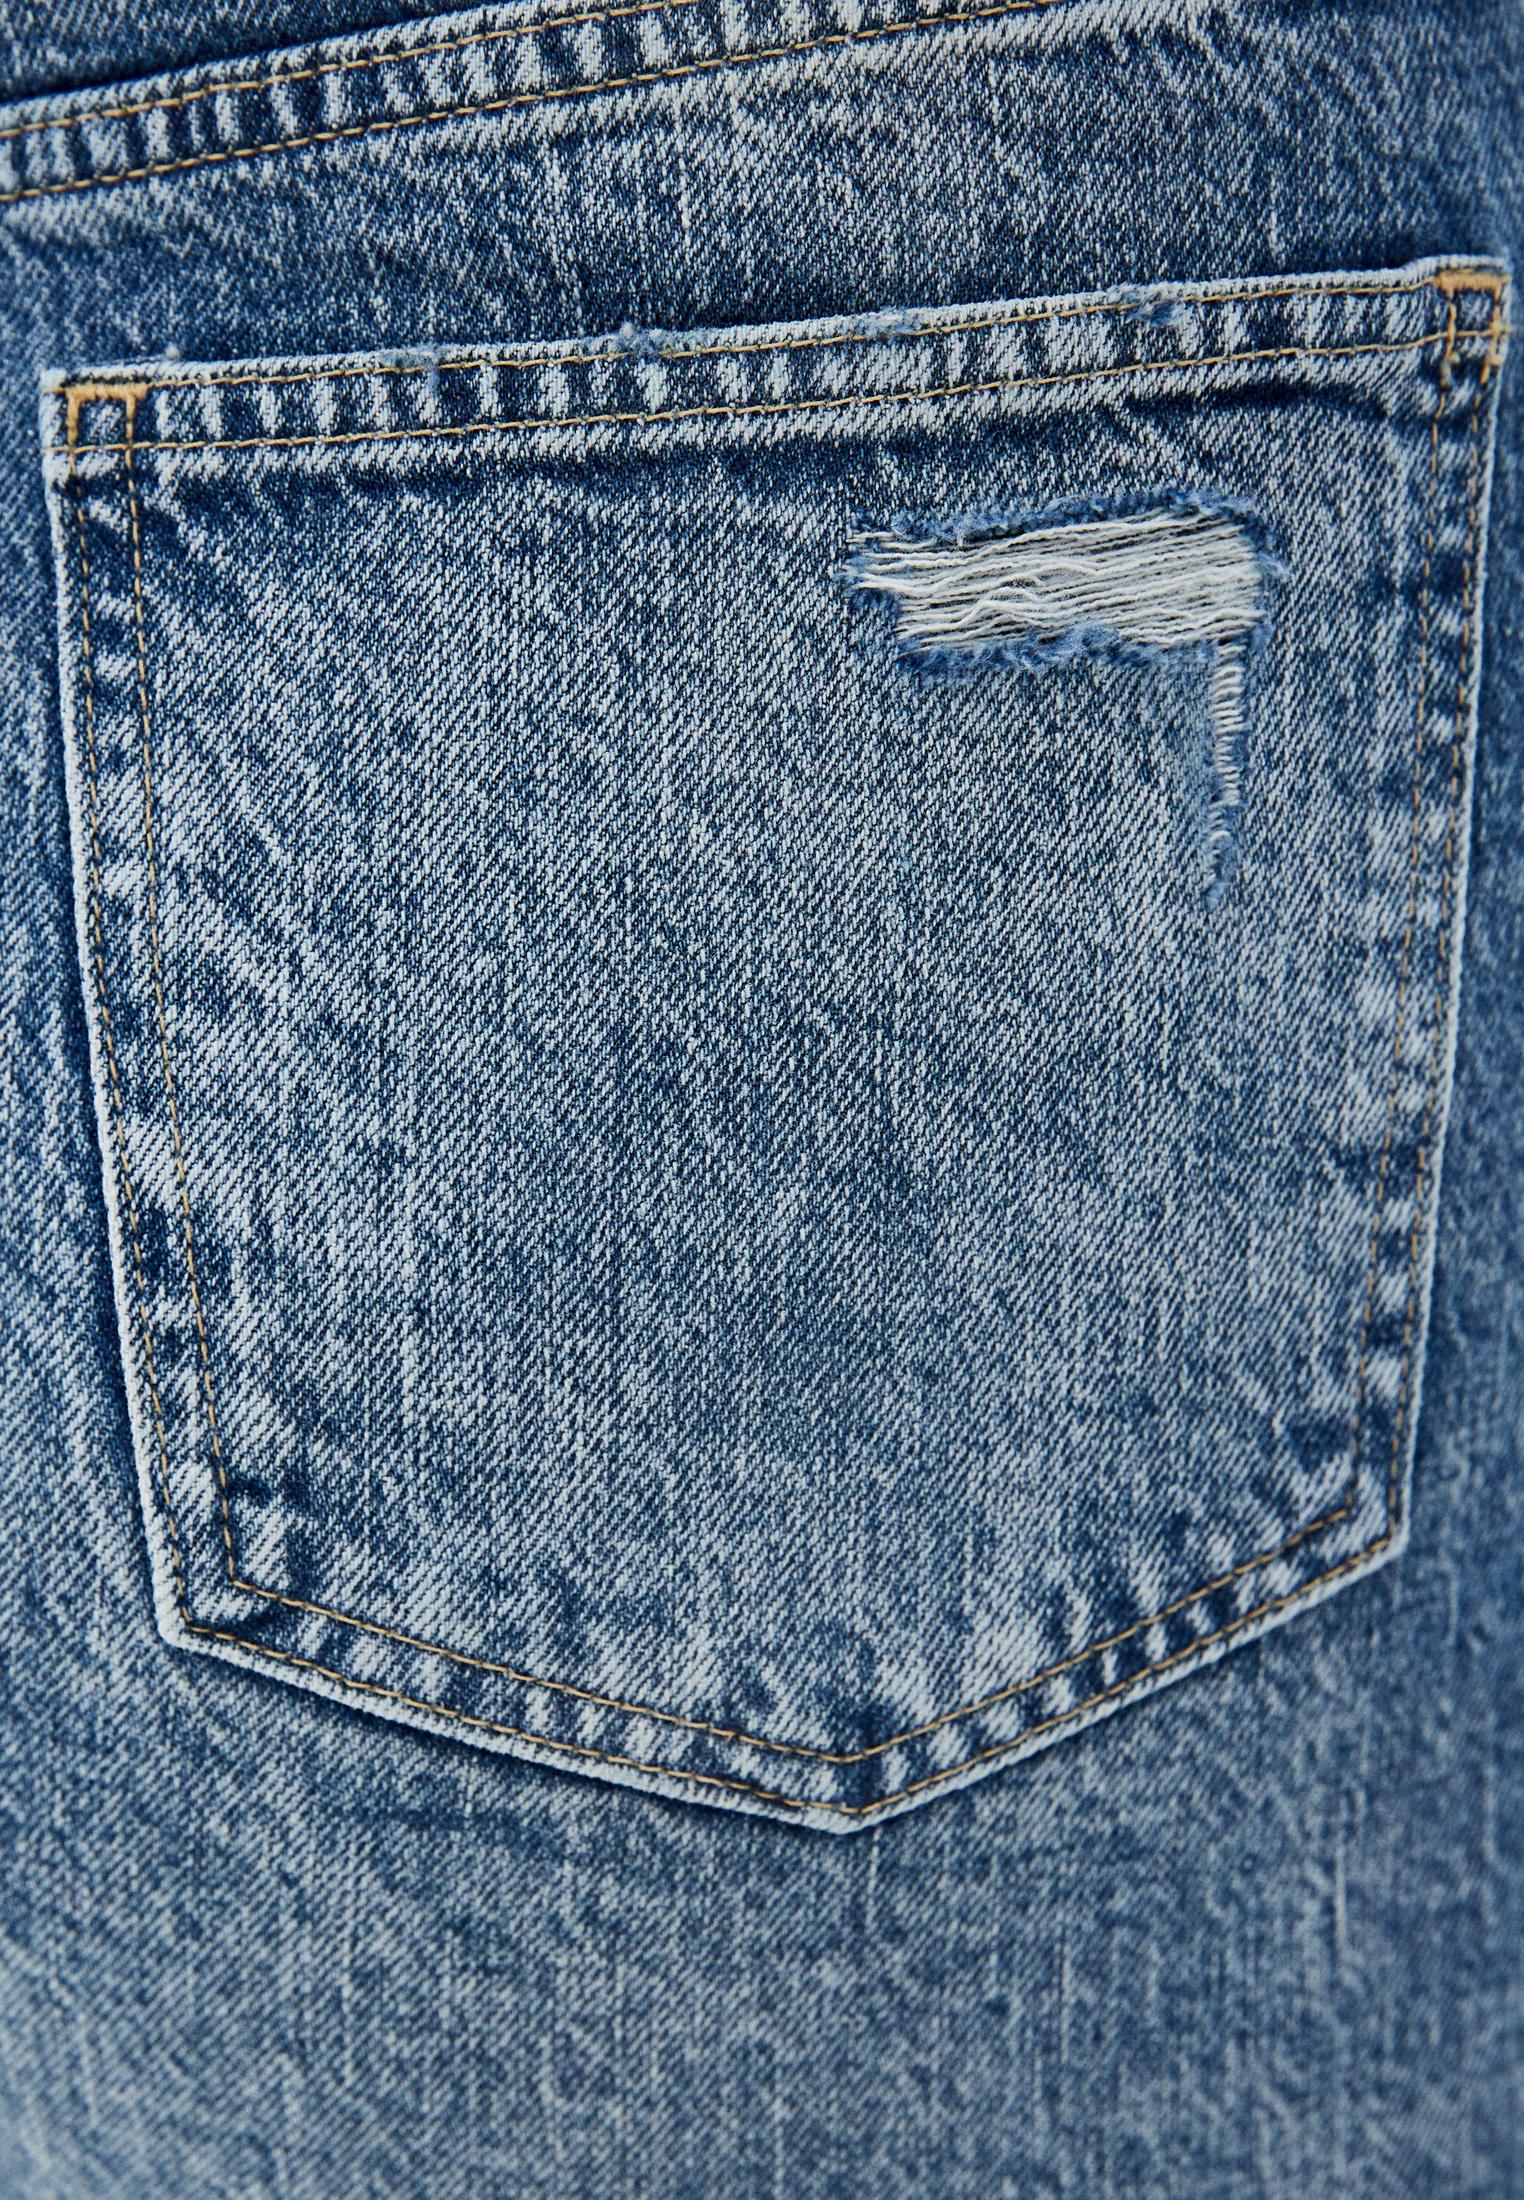 Джинсовая юбка Gap 600558: изображение 4